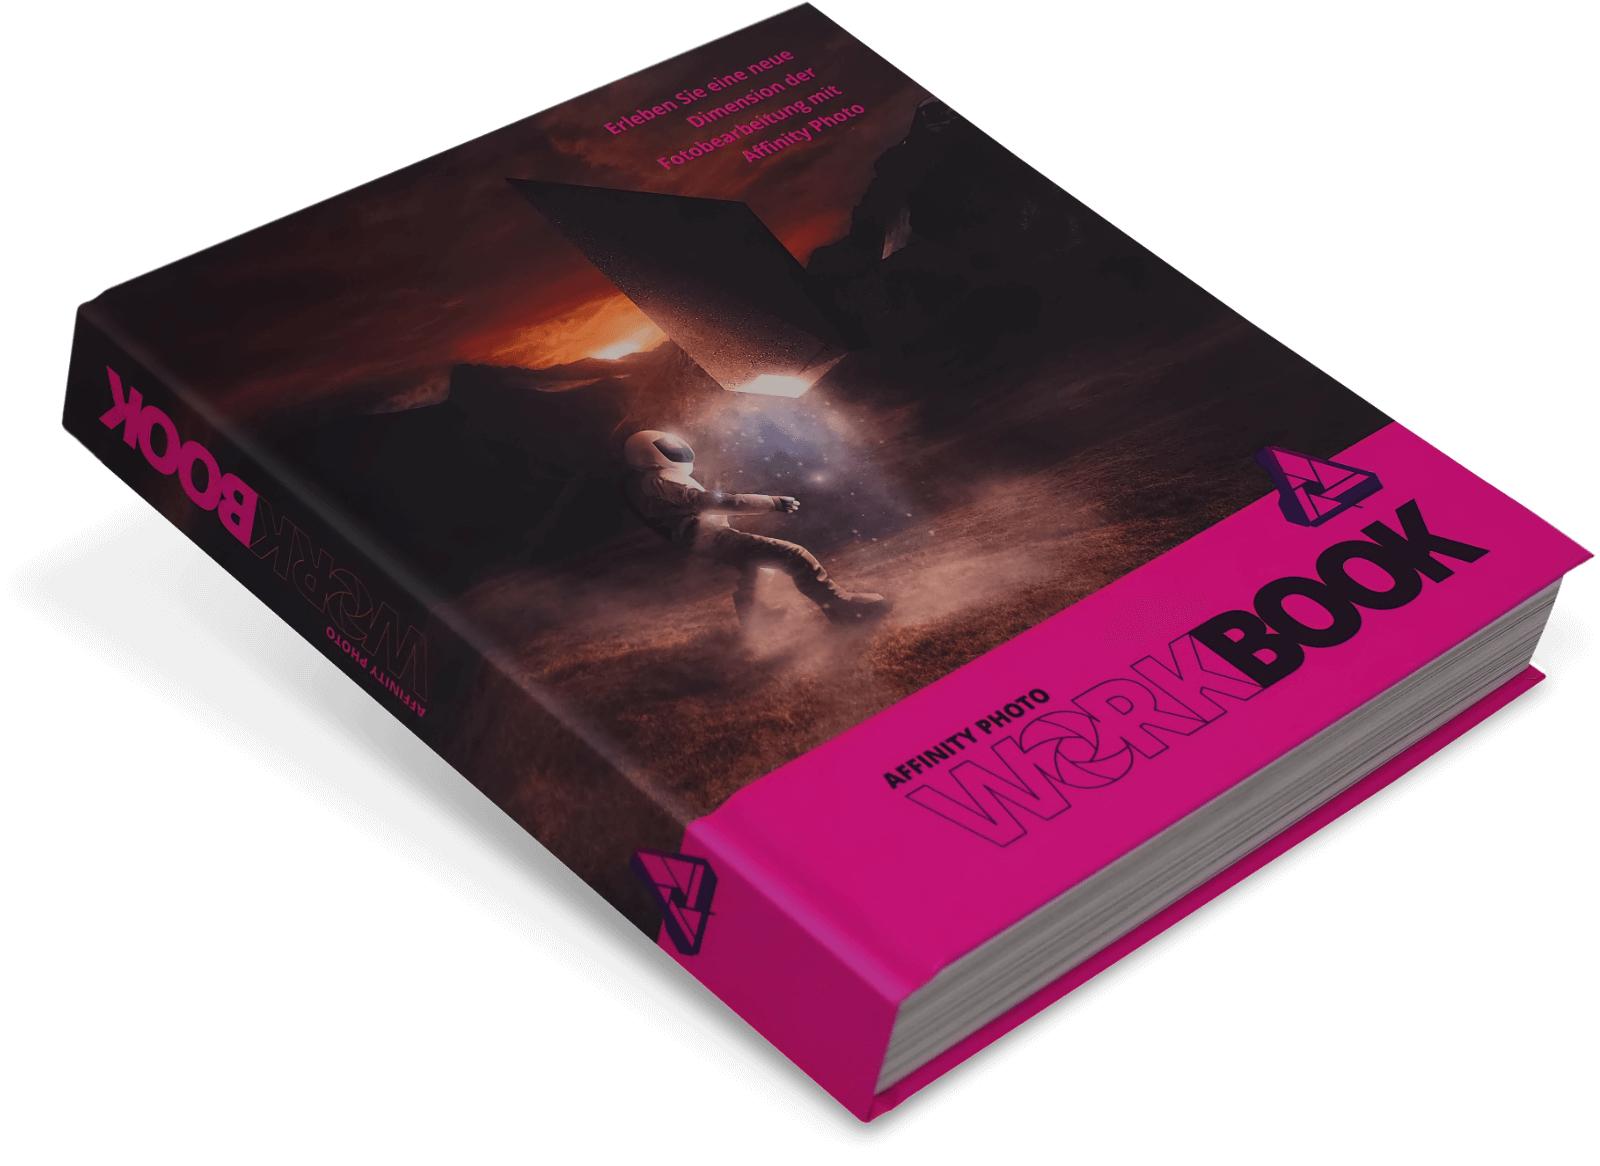 [Bücher] Affinity Photo Workbook und Affinity Designer Workbook für je 36,58 (inkl. VK und Gb.) @Affinity Store [Update: Verlängerung der Rabattaktion bis zum 4. Dezember]